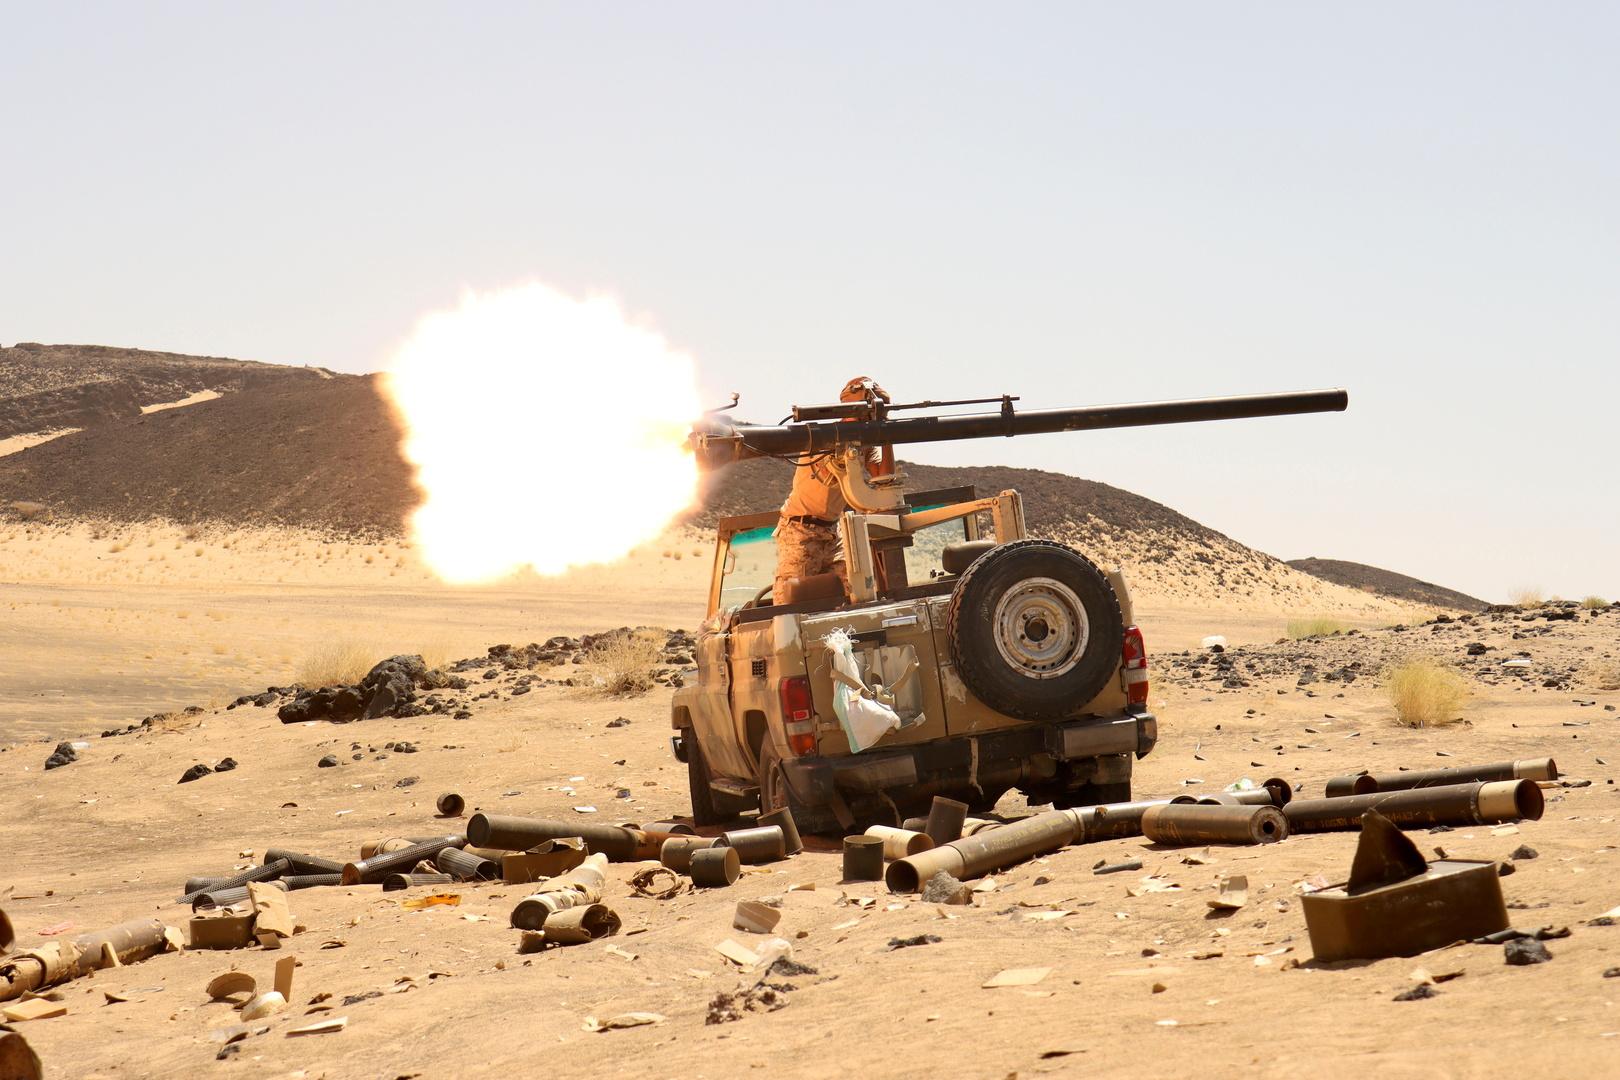 السعودية: سقوط قذيفة في إحدى قرى جازان أطلقها الحوثيون